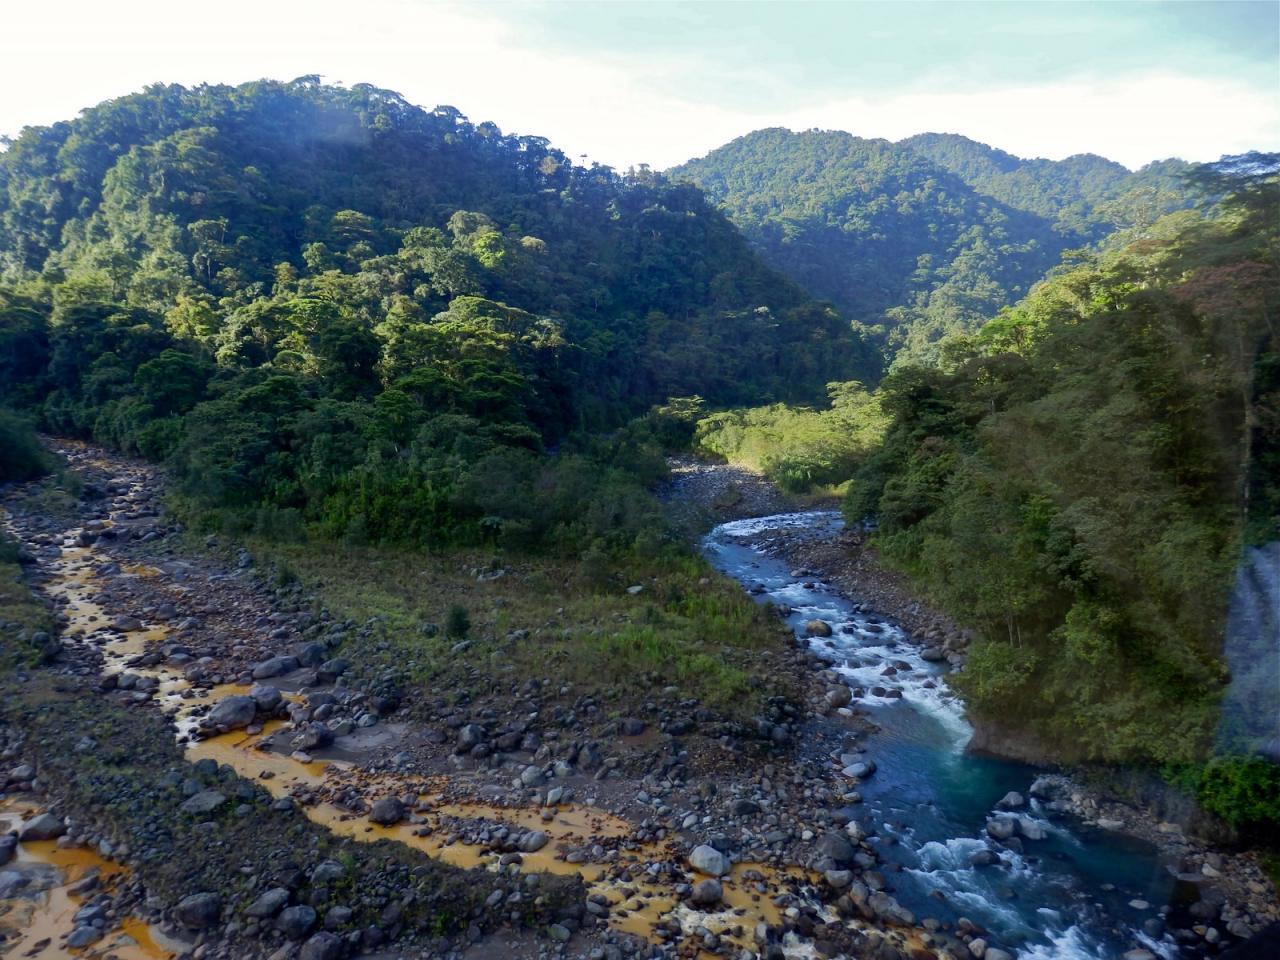 le fleuve aux 2 couleurs